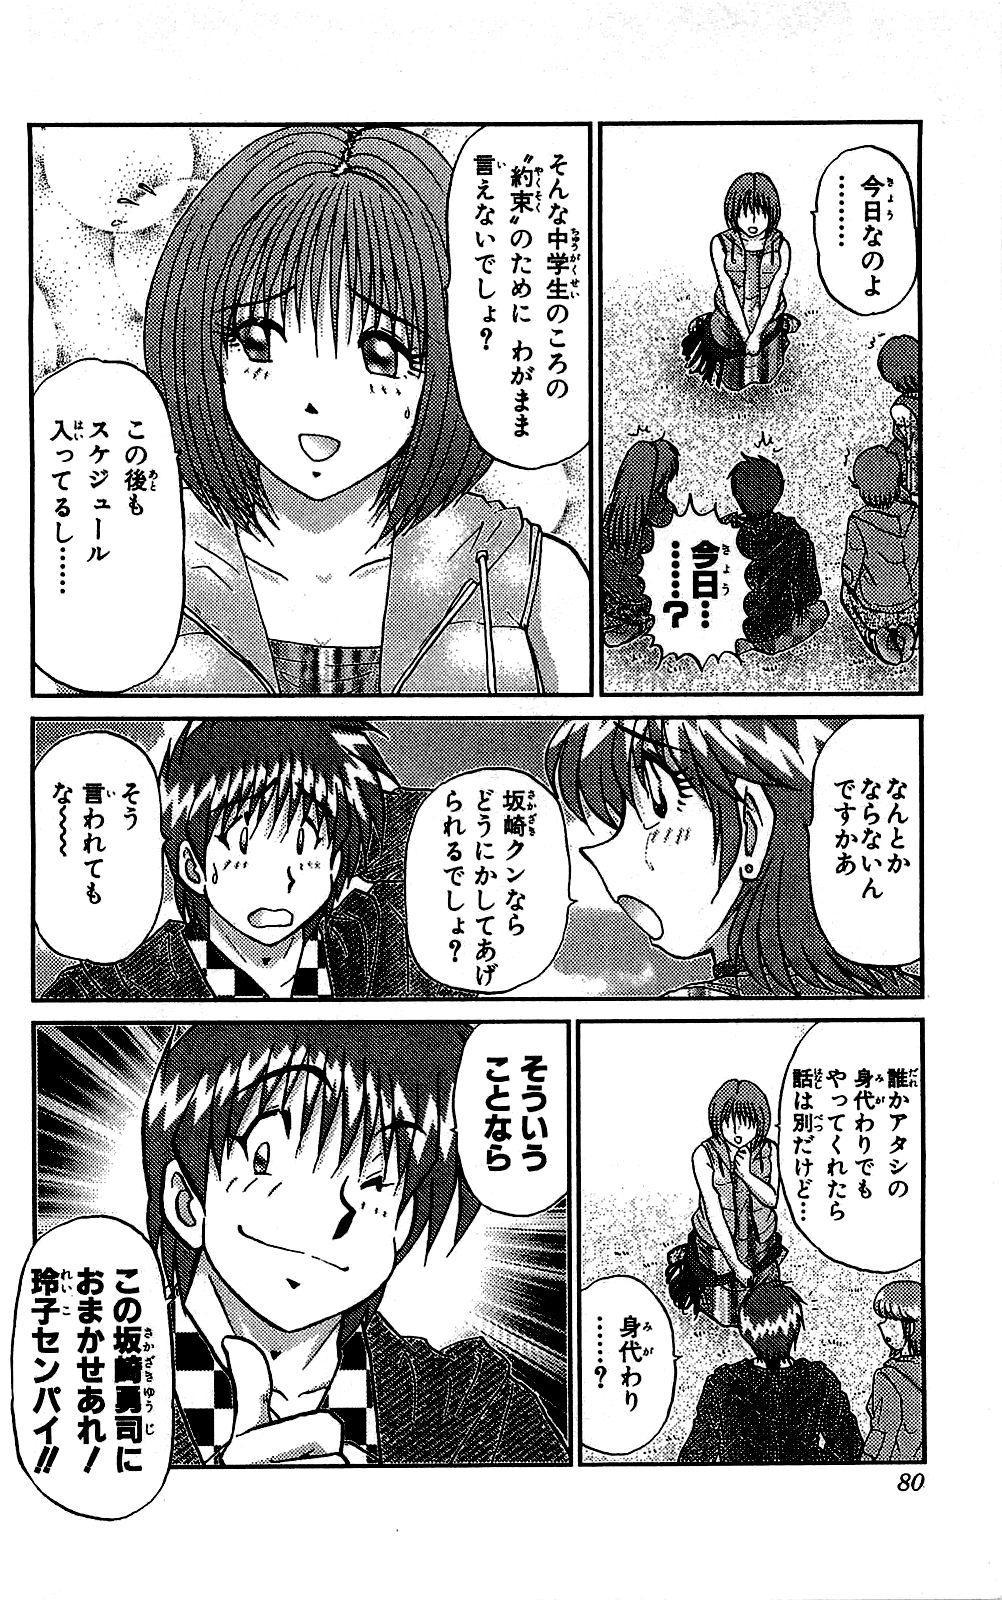 Miracle Make Yuuji 80